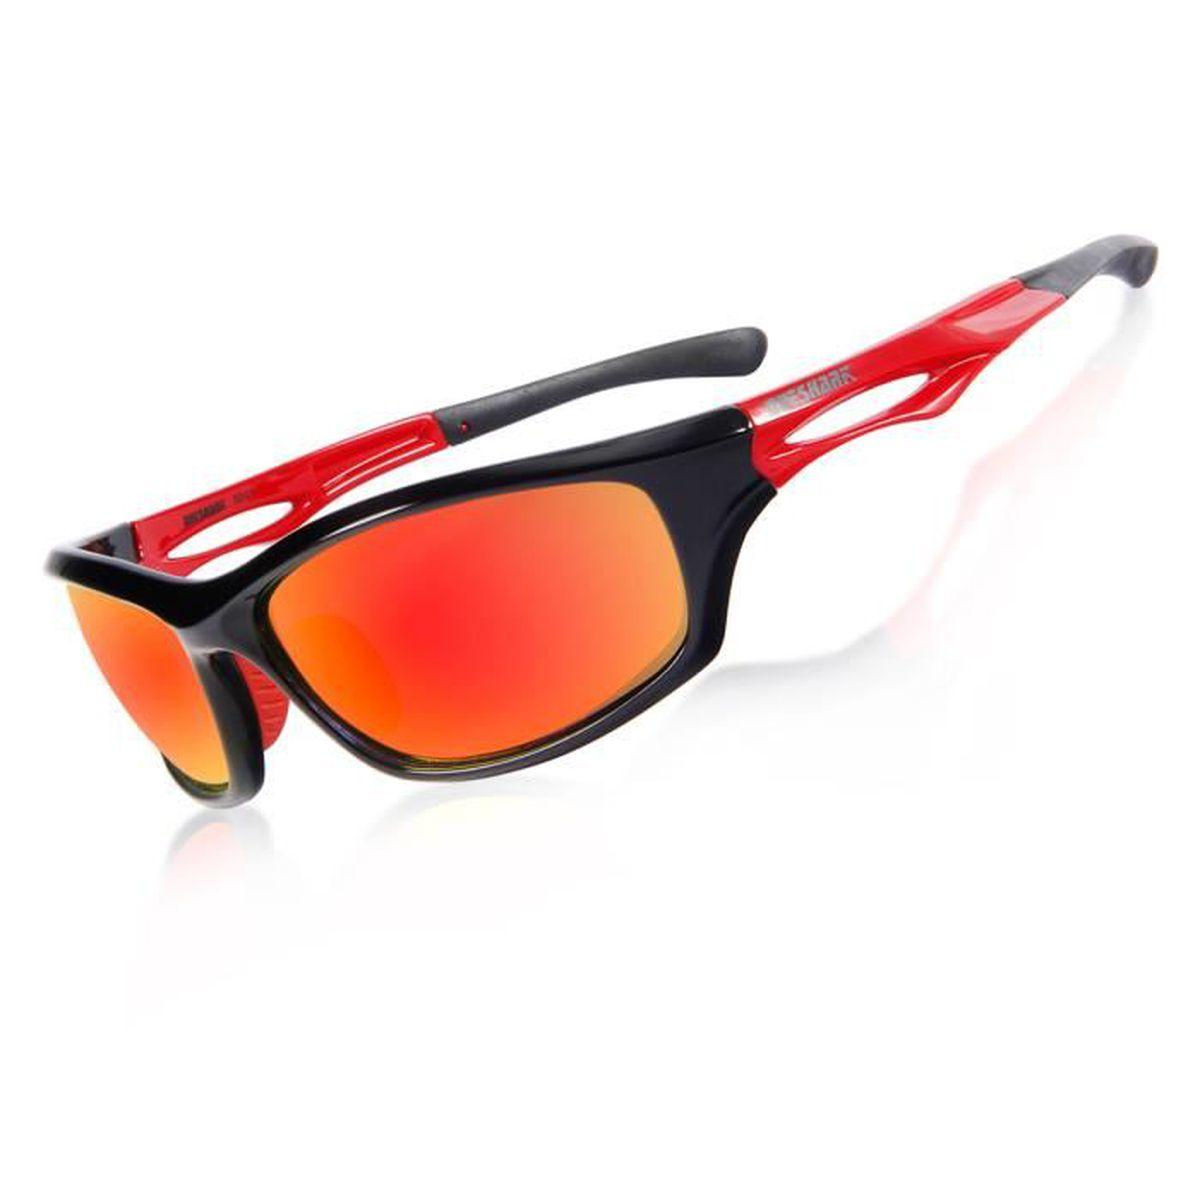 0f50b6fac89263 Queshark Lunettes de soleil sport polarisées pour hommes femmes TR90 ...